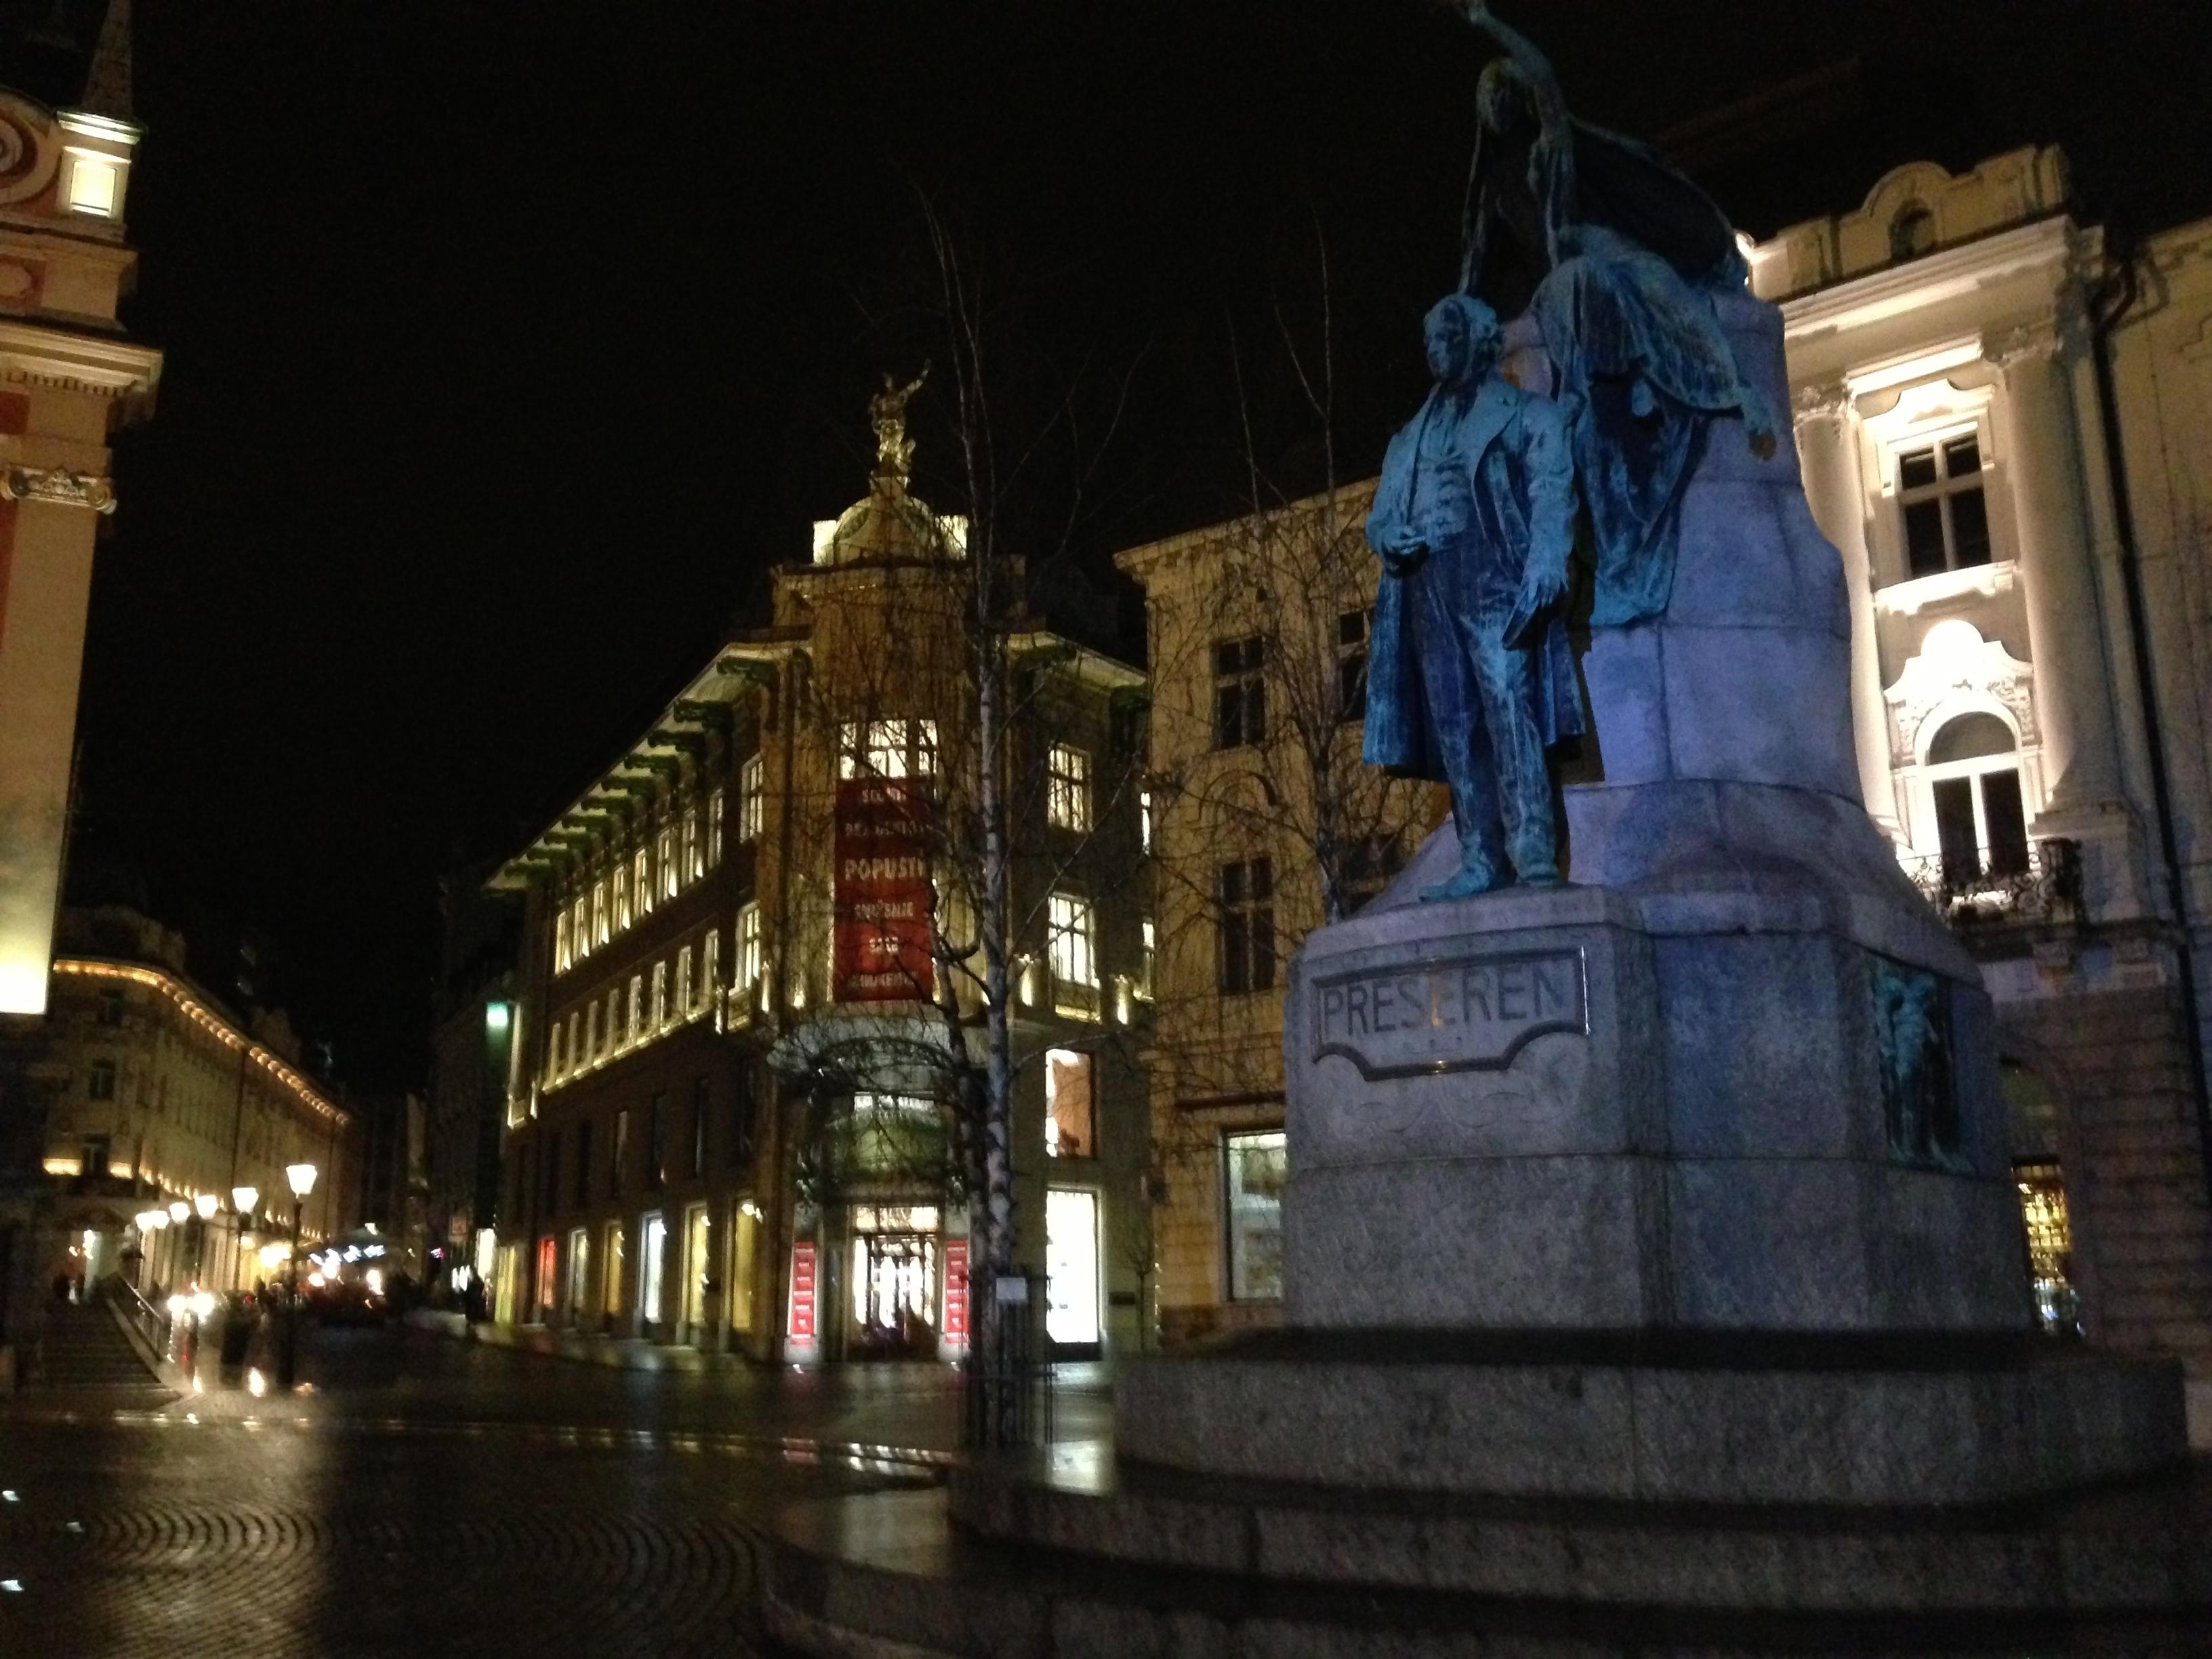 Preseren's statue